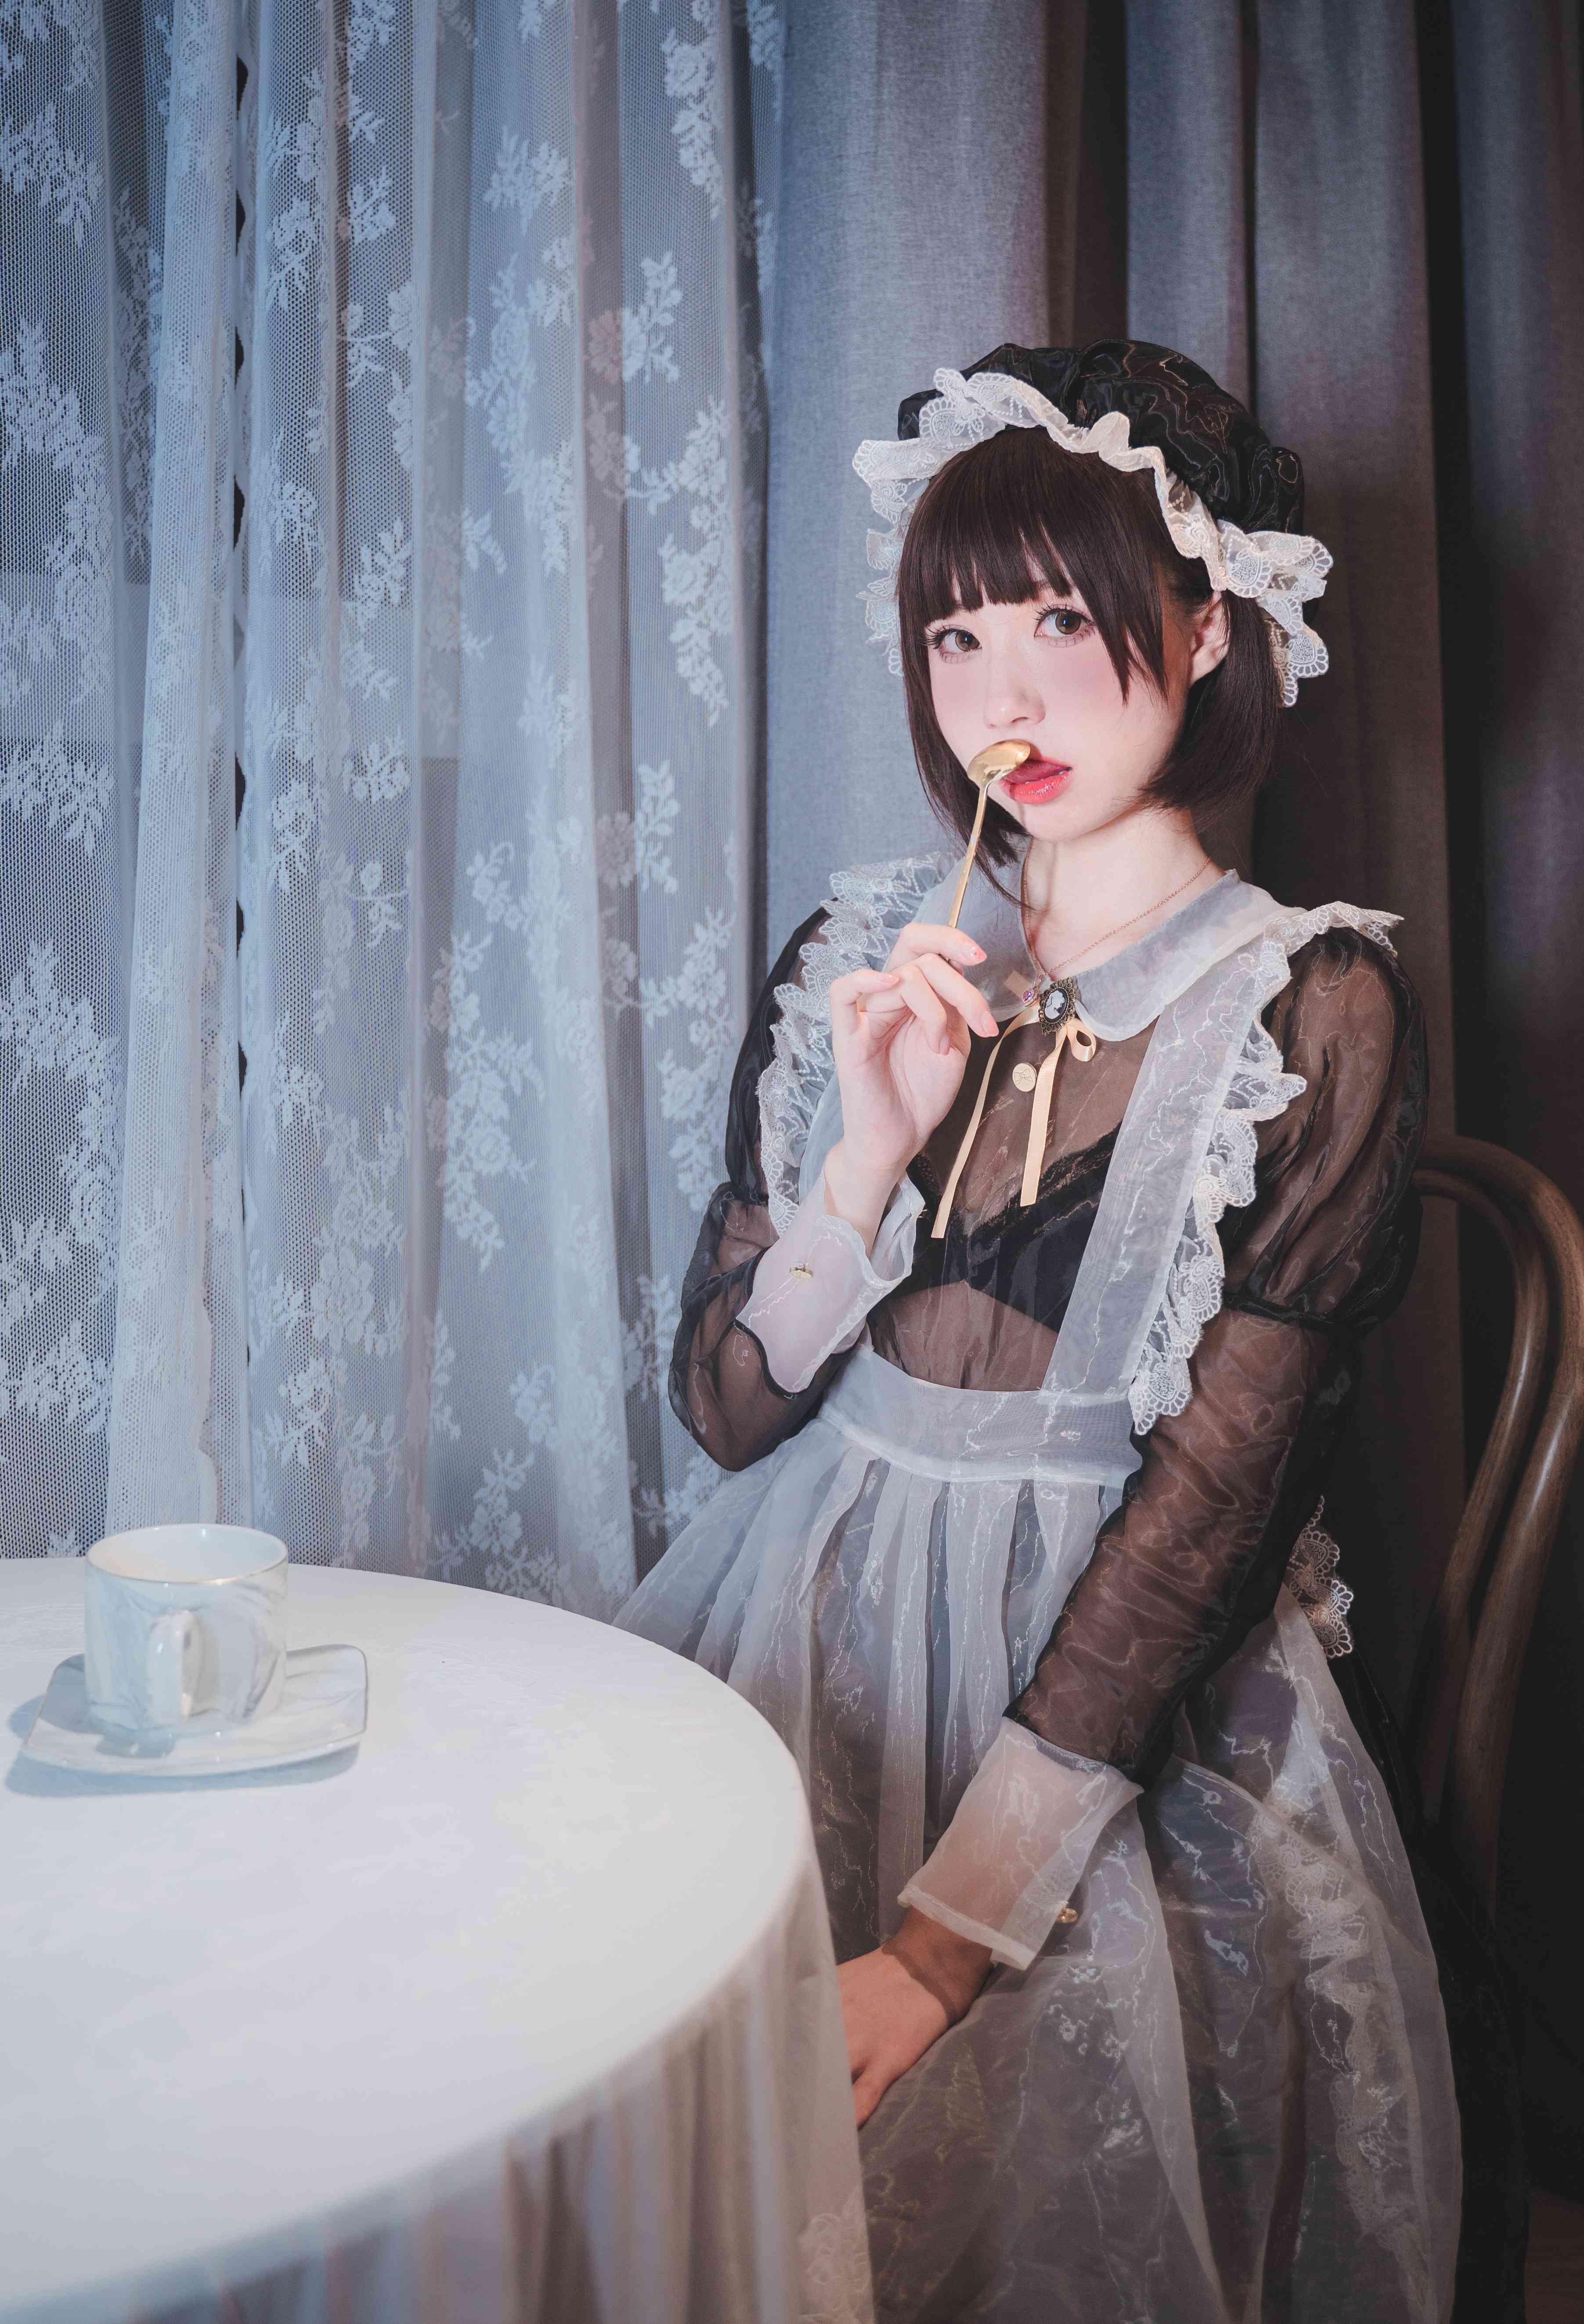 西园寺南歌透明女仆写真,长腿女仆随时待命